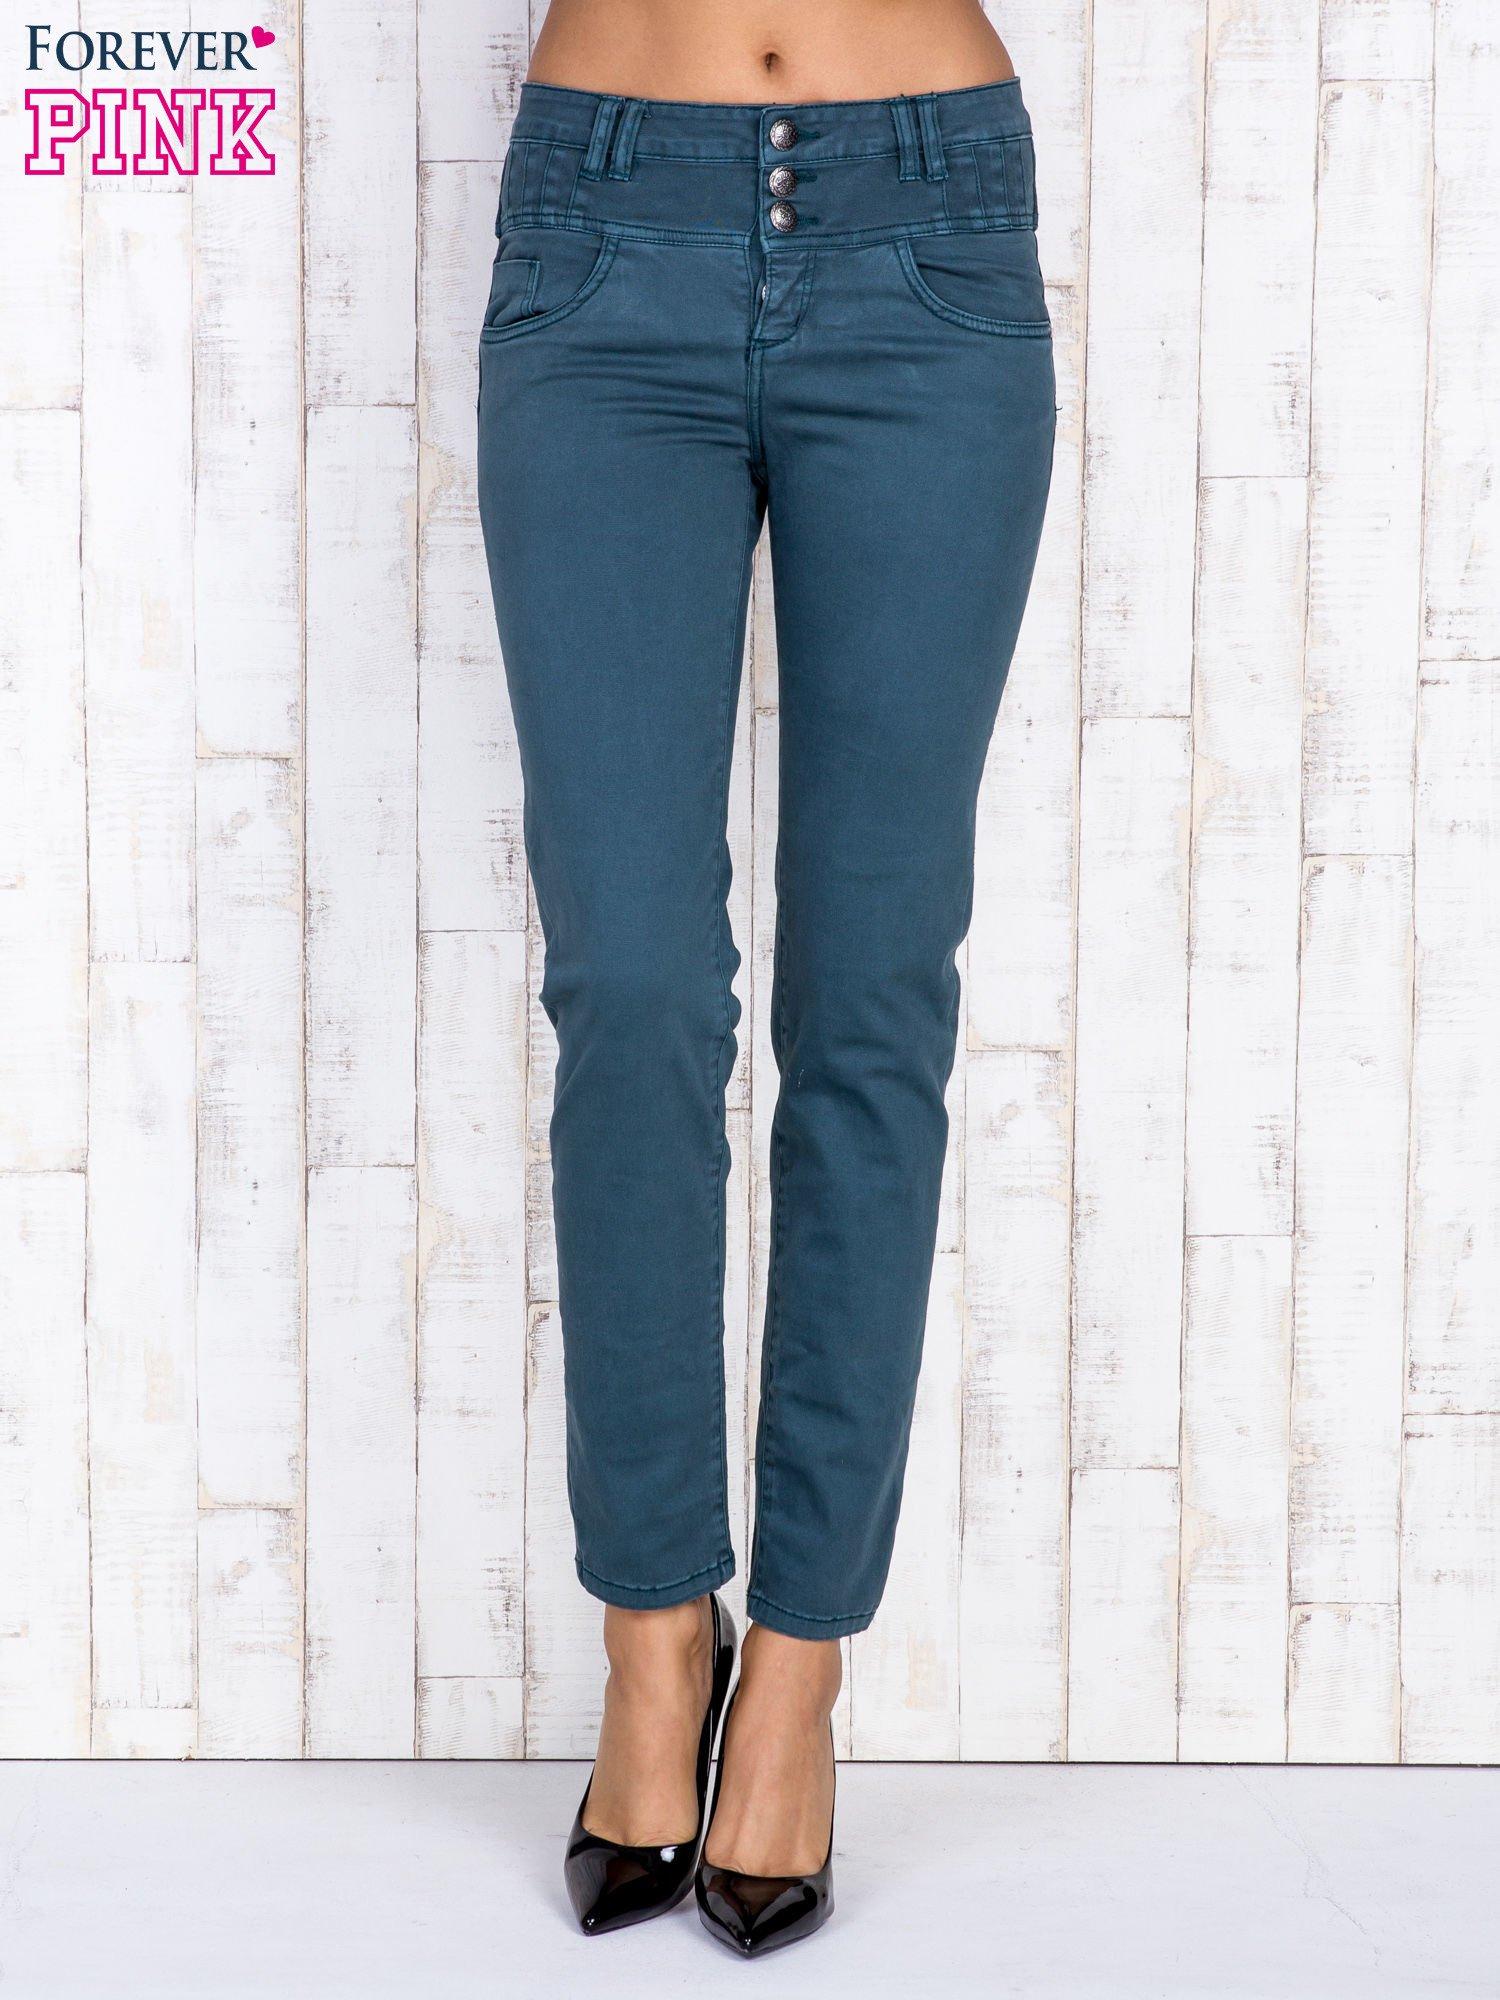 Ciemnozielone jeansowe spodnie skinny z wysokim stanem                                  zdj.                                  1